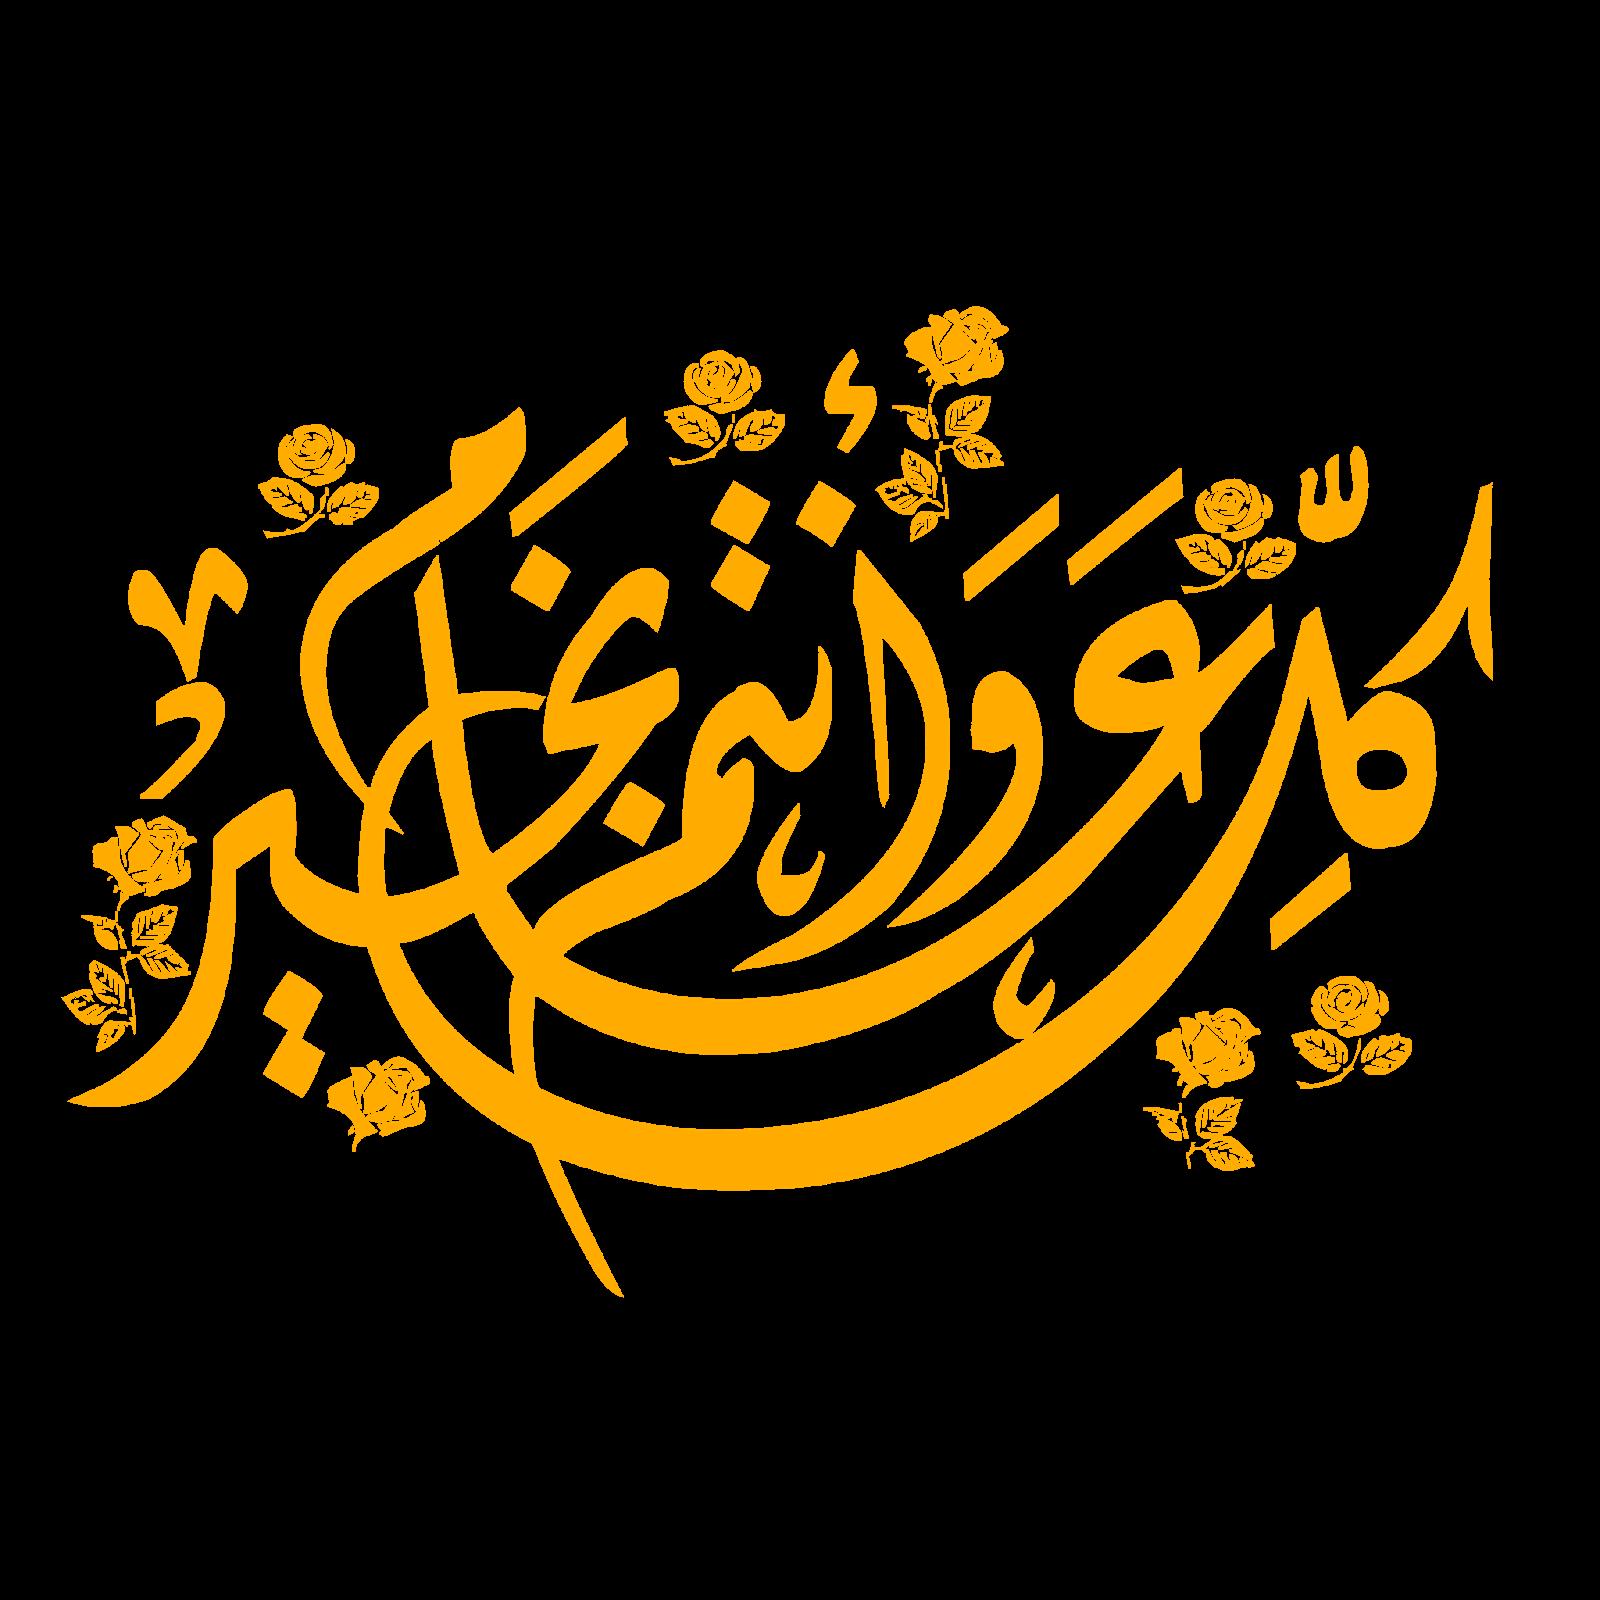 عيدكم مبارك وكل عام وانتم بخير مزخرفه